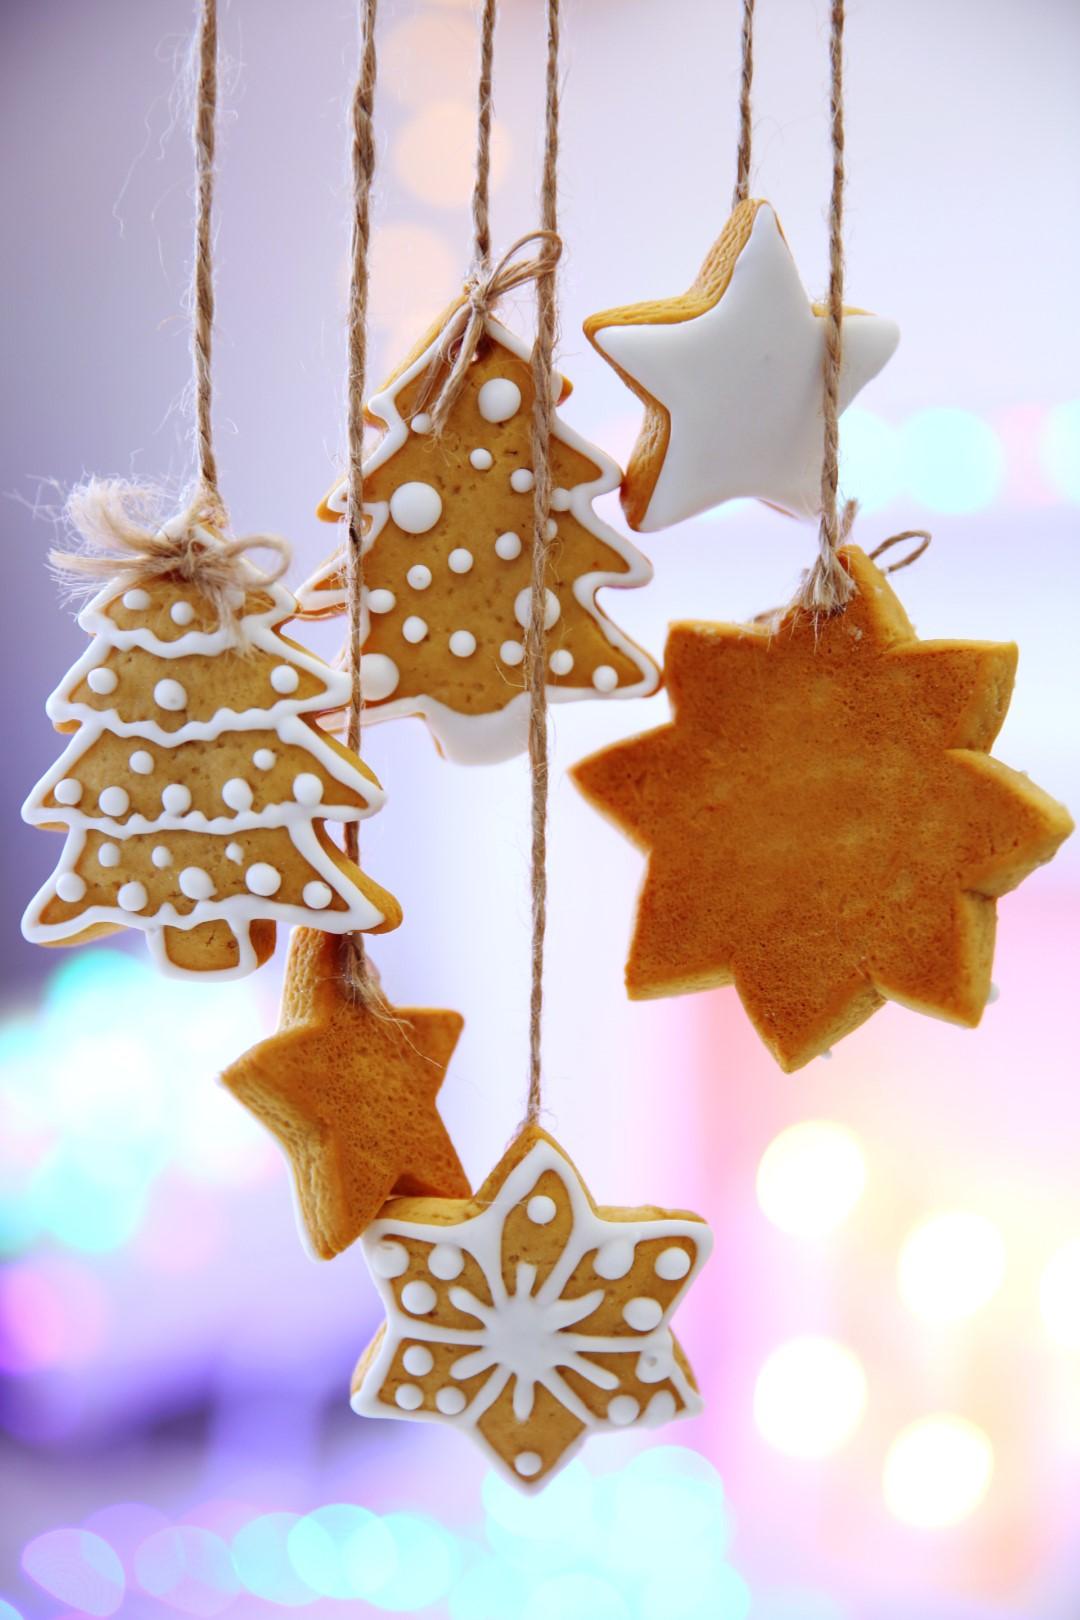 Rețete pentru prepararea unor dulciuri sănătoase de Crăciun